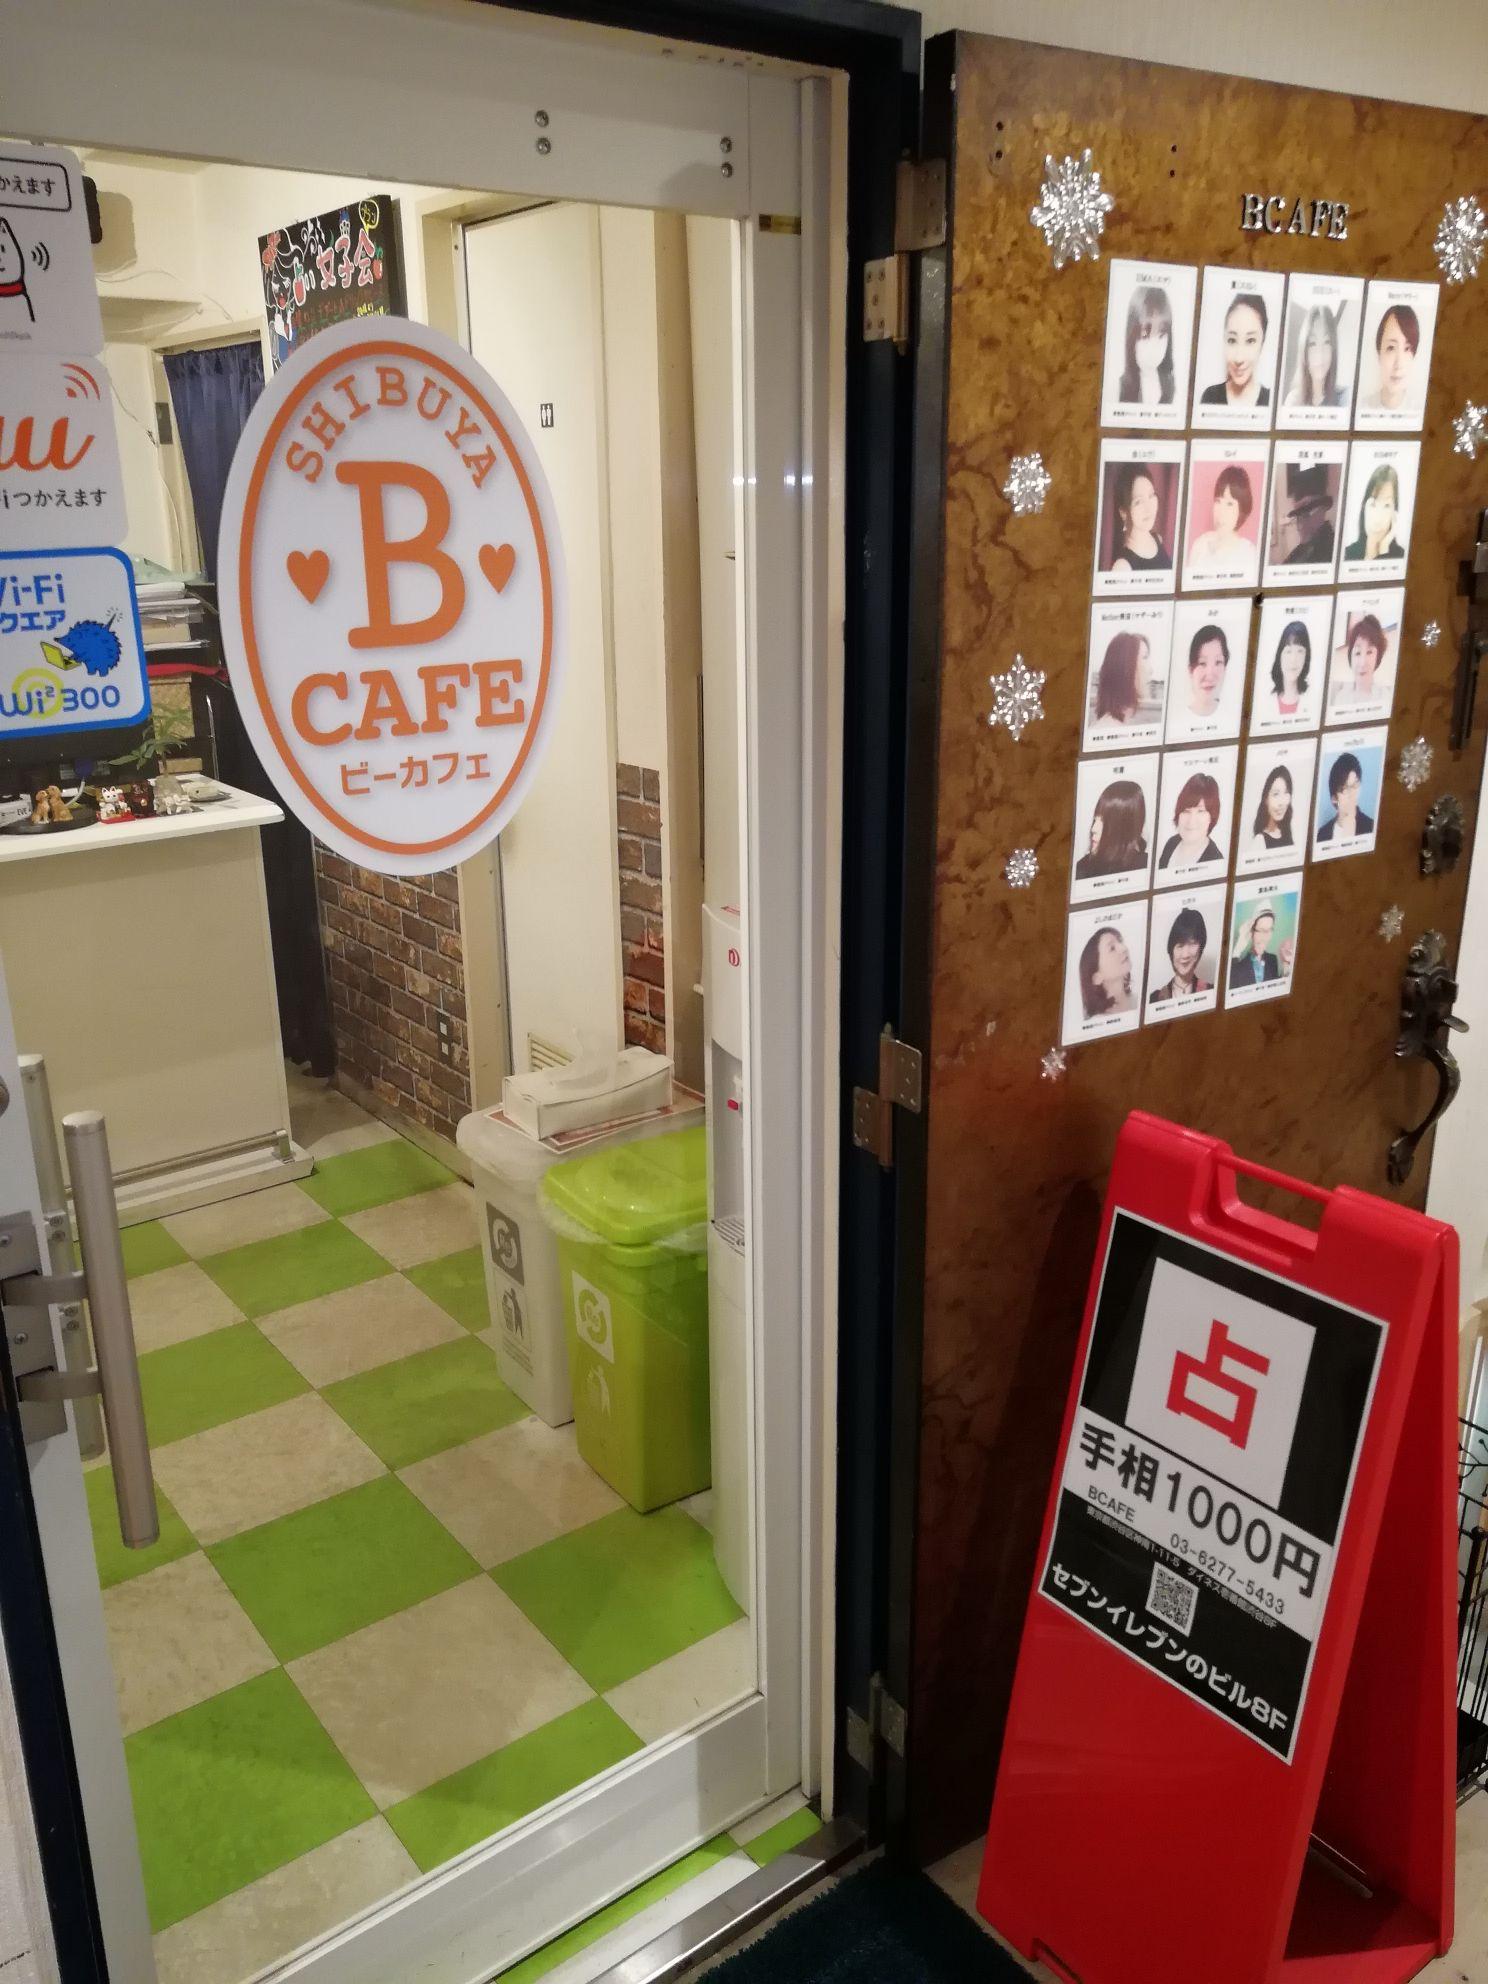 東京で当たる占い師がいる占い館ビーカフェ